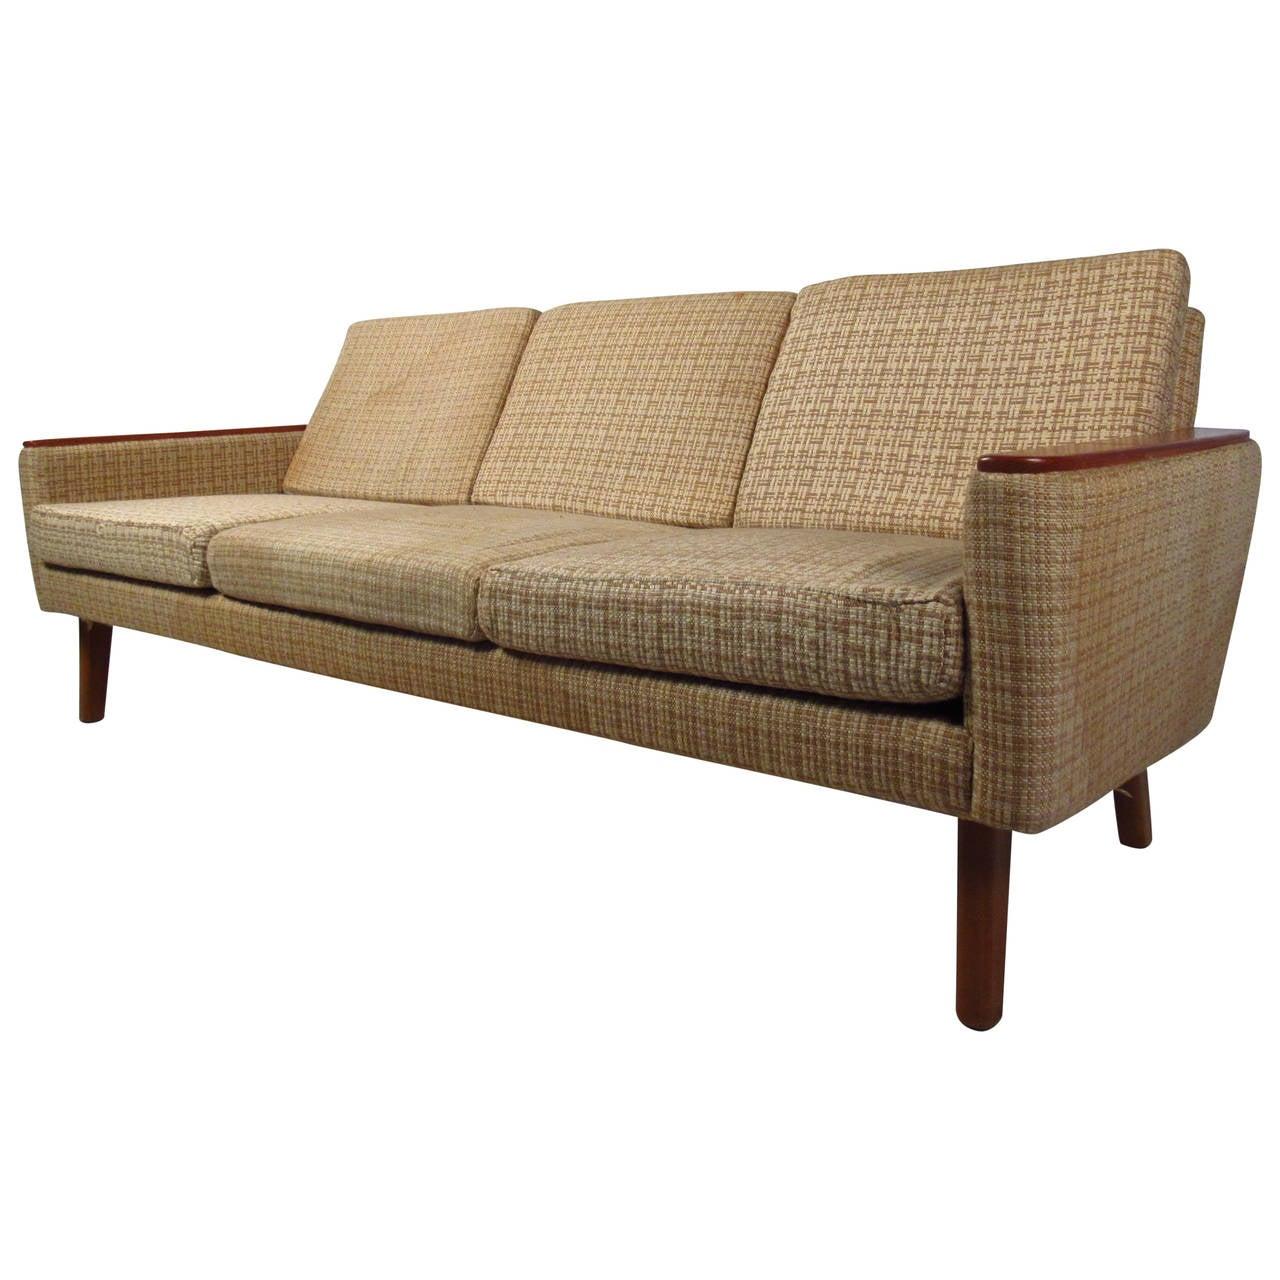 vintage three seat sofa with teak armrests for sale at 1stdibs rh 1stdibs com three seater sofa sale three seater sofa set in amazon under 1500